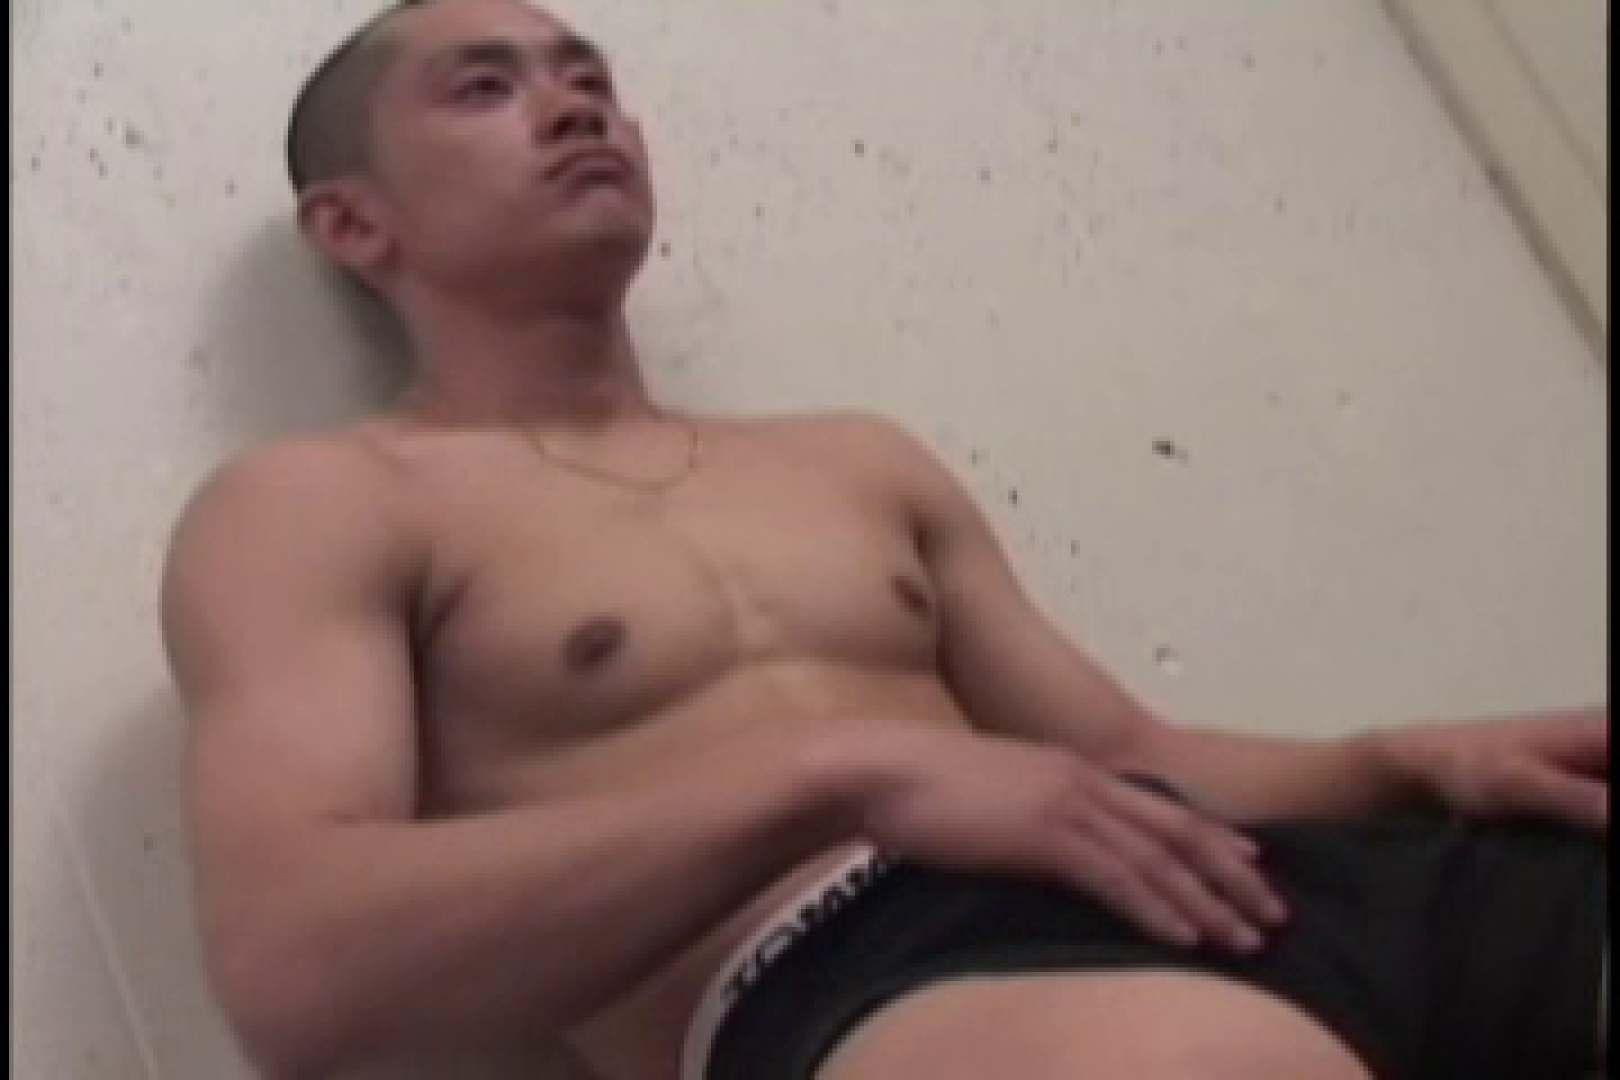 スリ筋!!スポメンのDANKON最高!!take.02 フェラシーン | オナニー専門男子  53画像 7